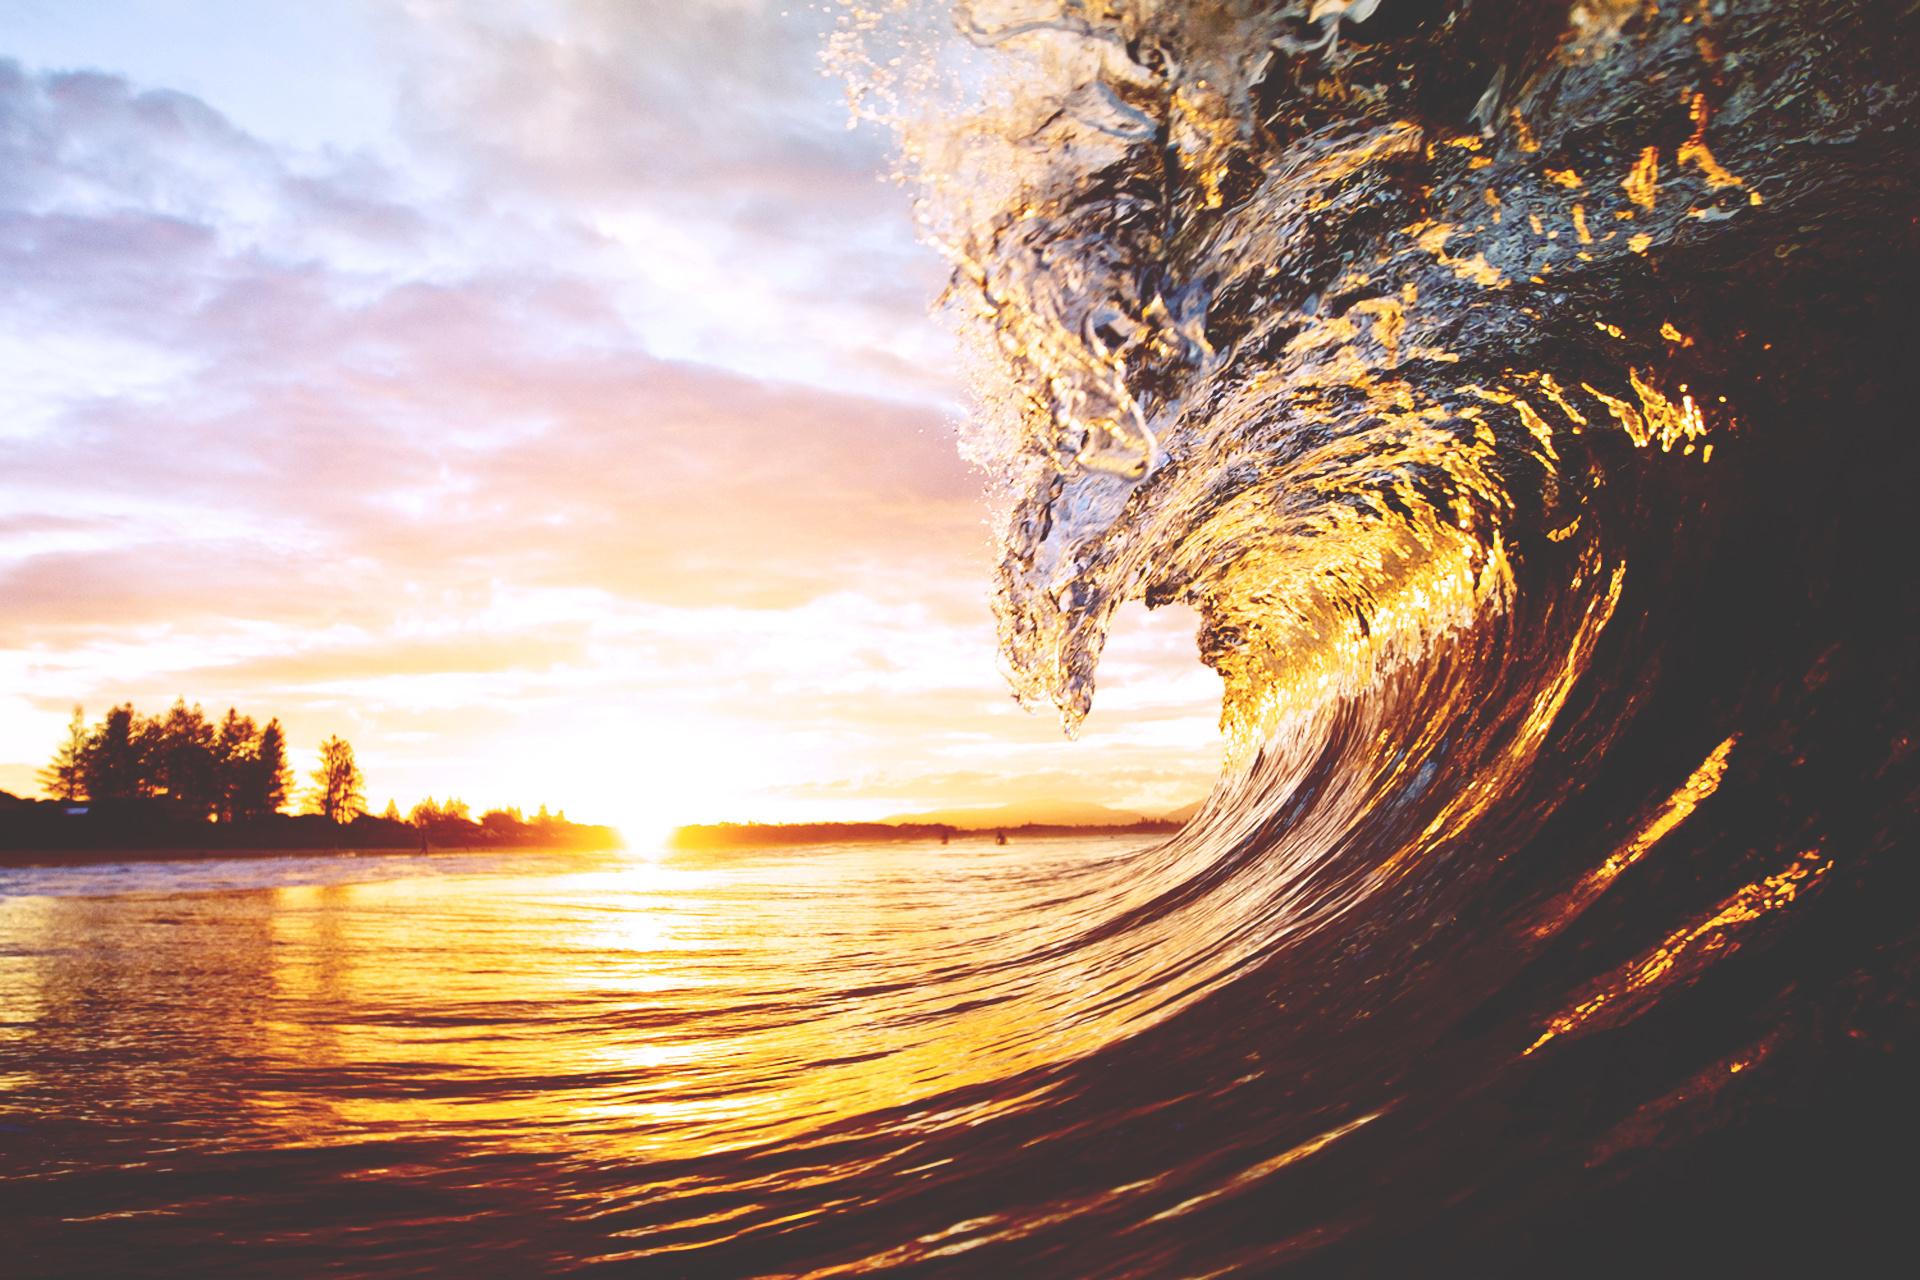 Beach Sunset Desktop Backgrounds HD wallpaper background 1920x1280